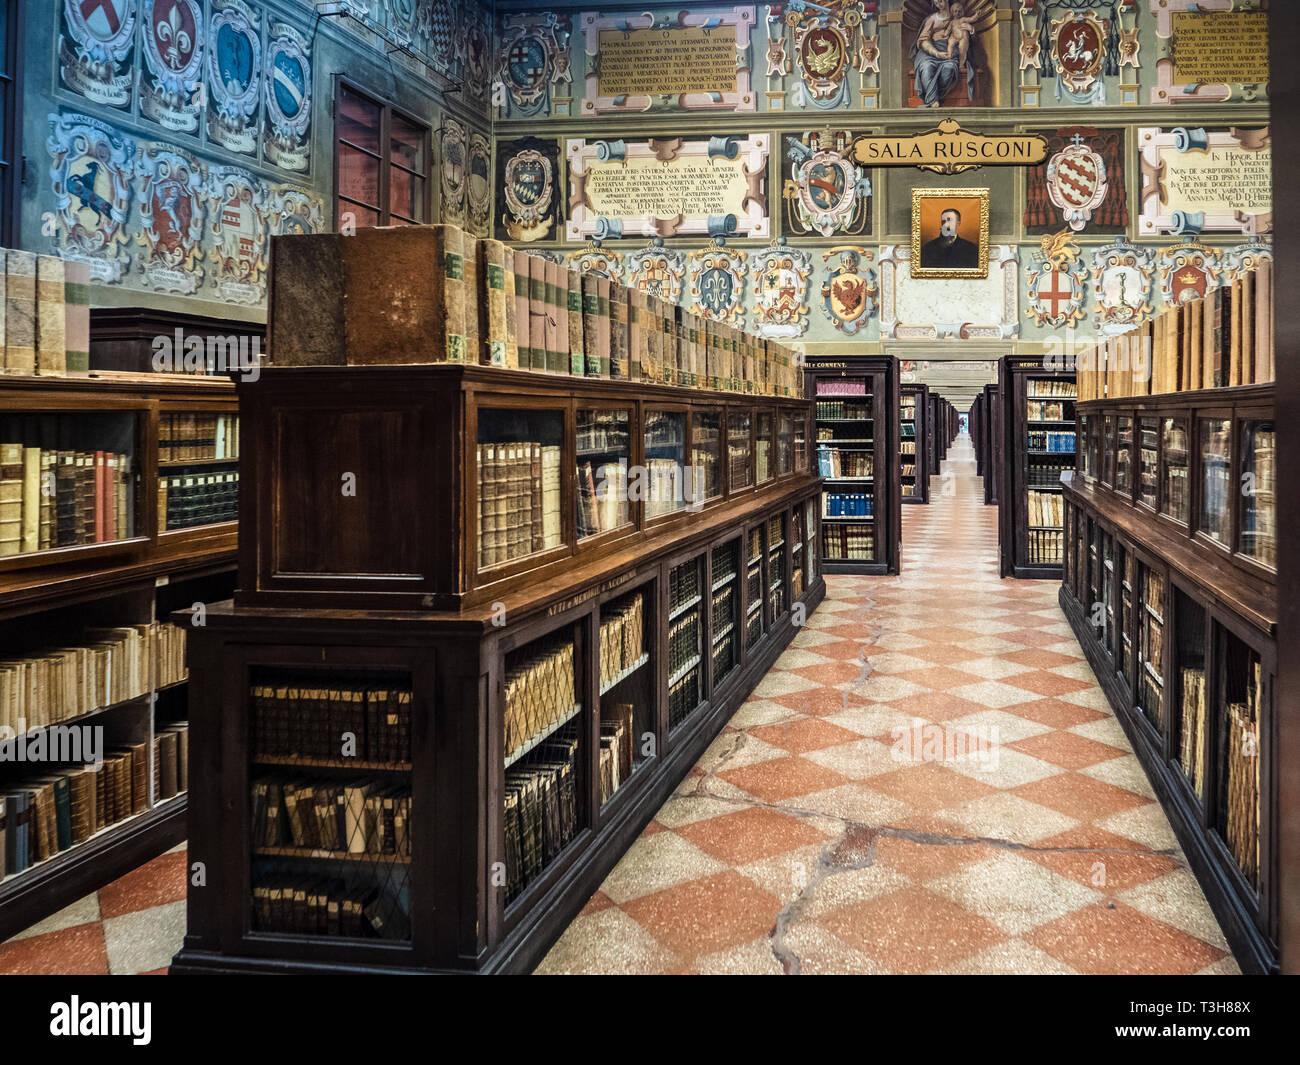 Archiginnasio Di Bologna Immagini e Fotos Stock - Alamy